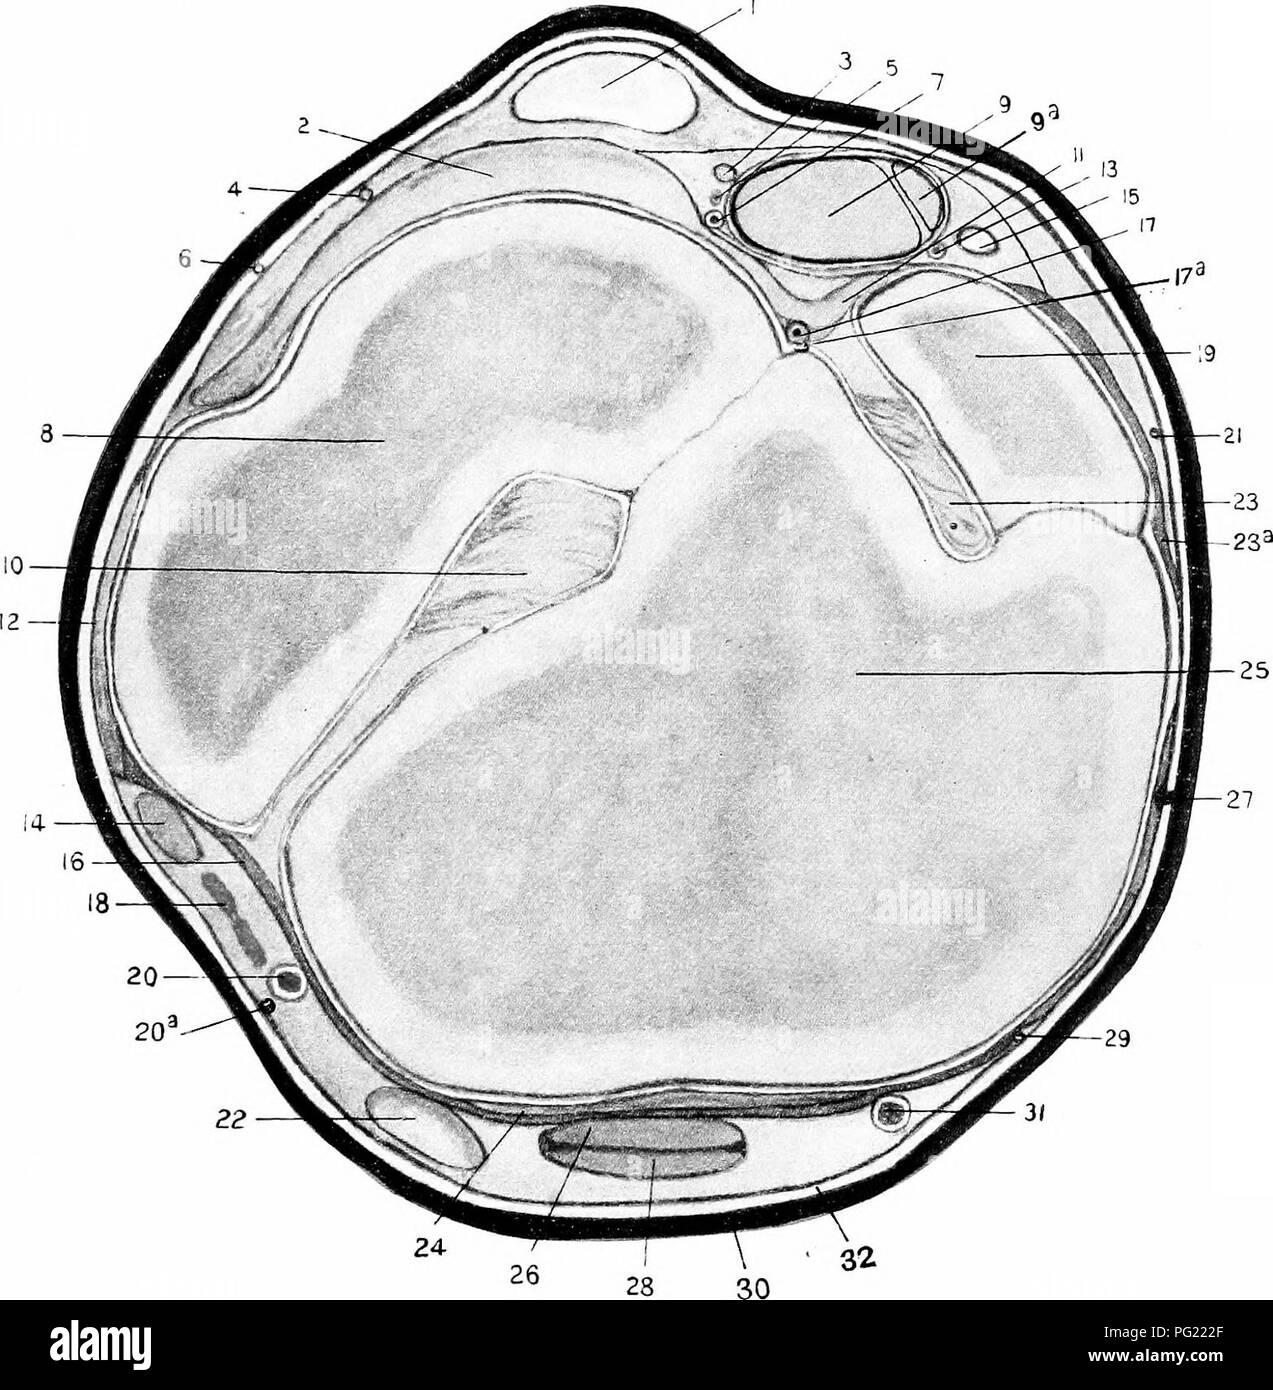 Die chirurgische Anatomie des Pferdes... Pferde. Platte XIX ...